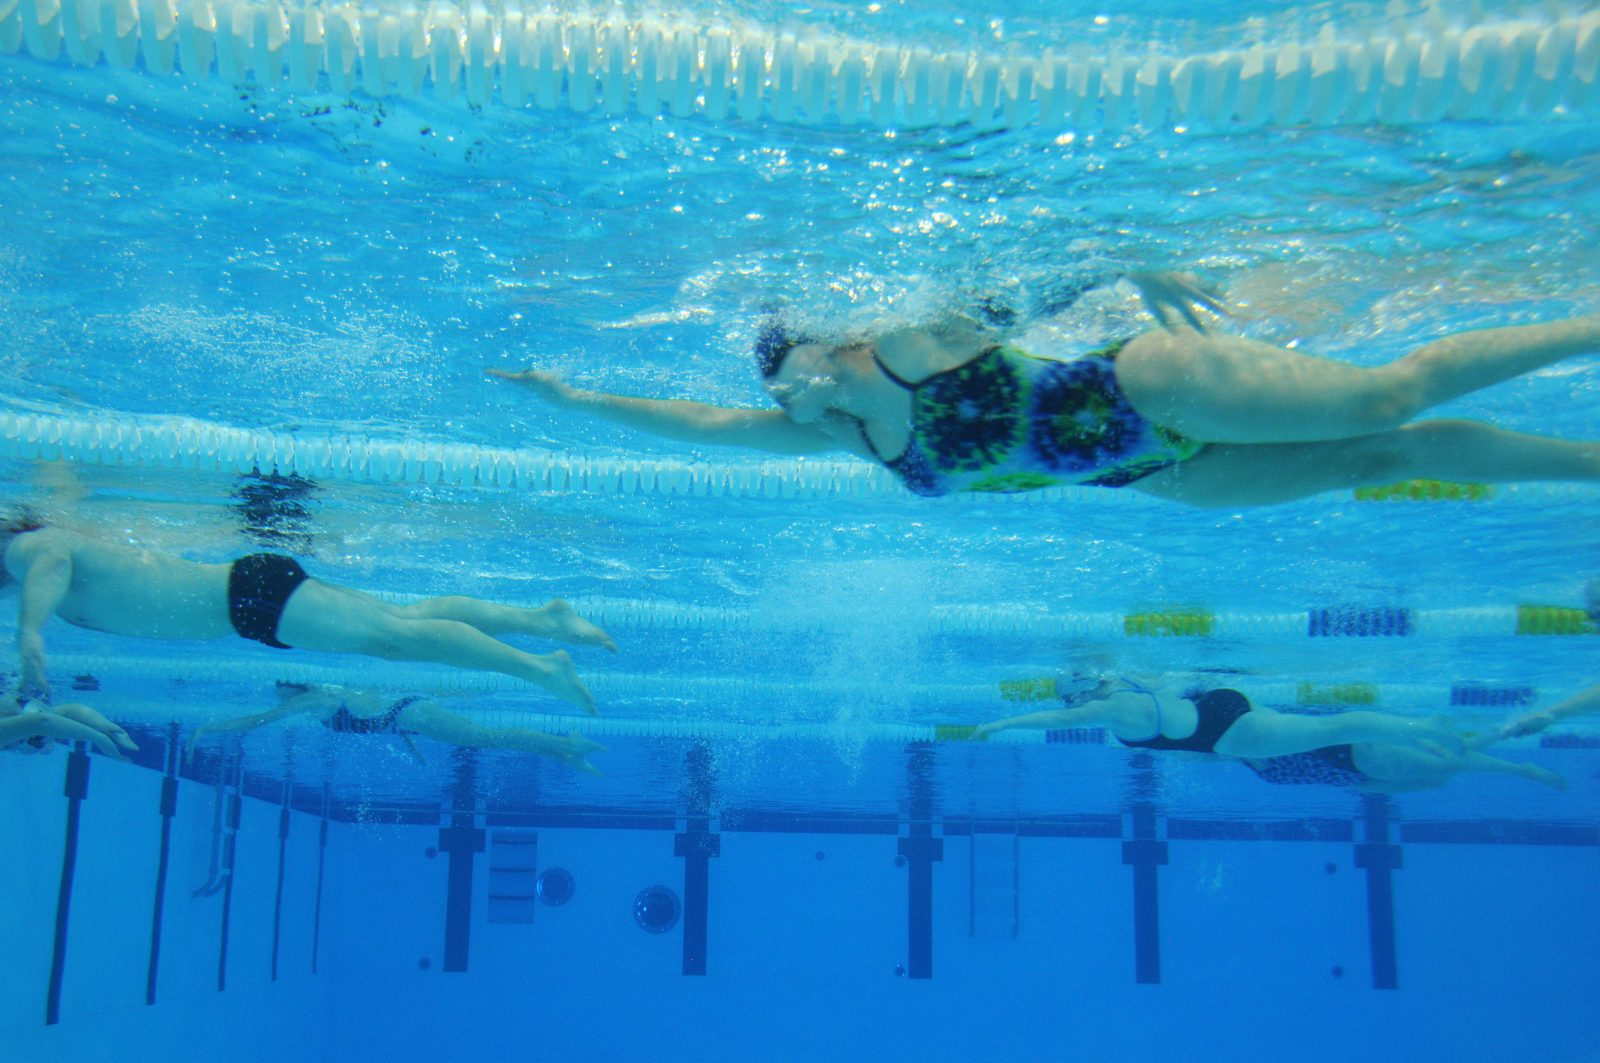 La natation, pour atteindre ses objectifs